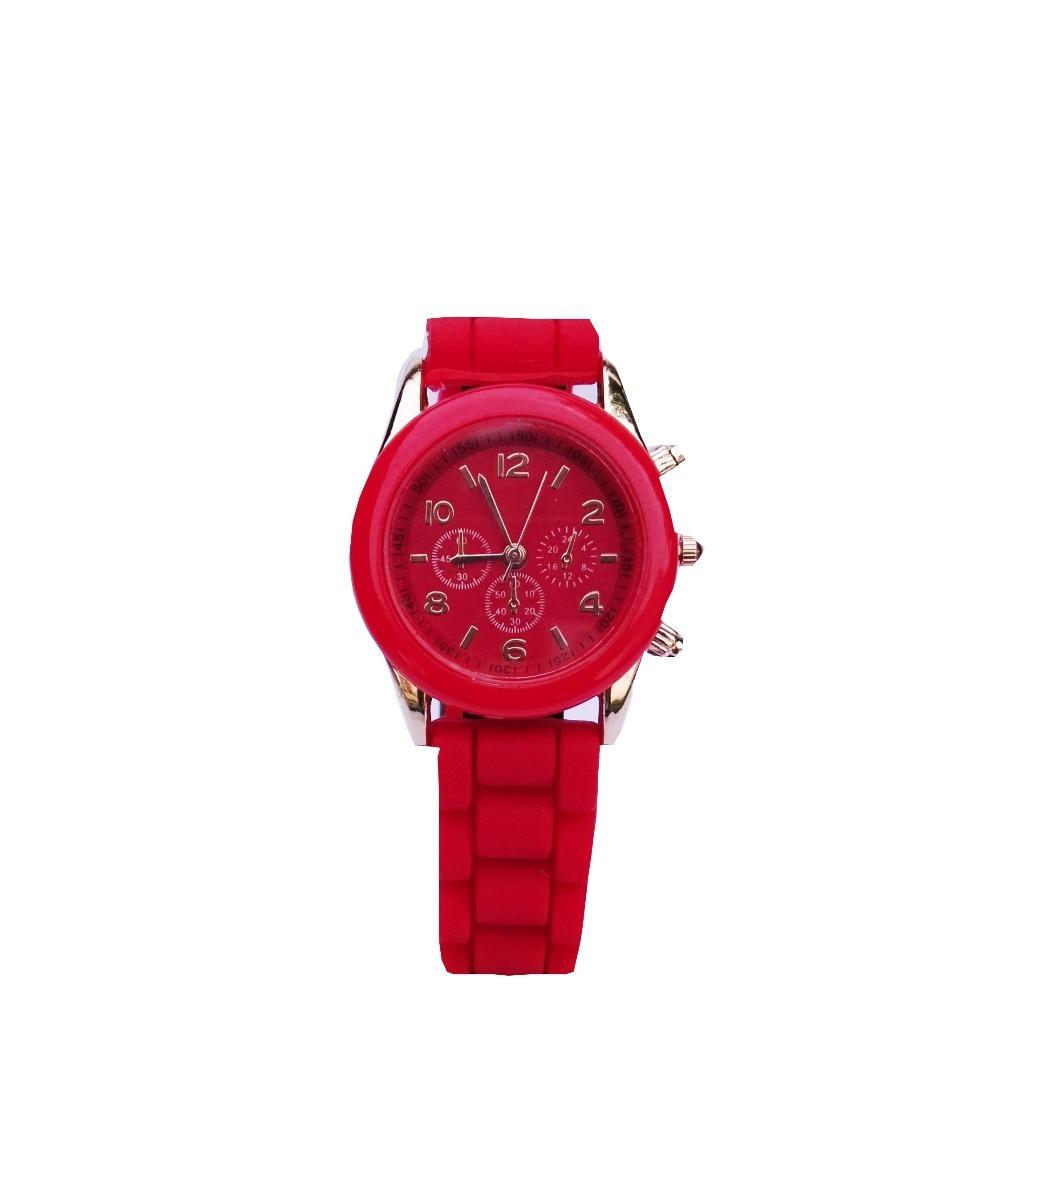 88f3f3a35feb reloj mujer malla silicona detalles en dorado color rojo. Cargando zoom.